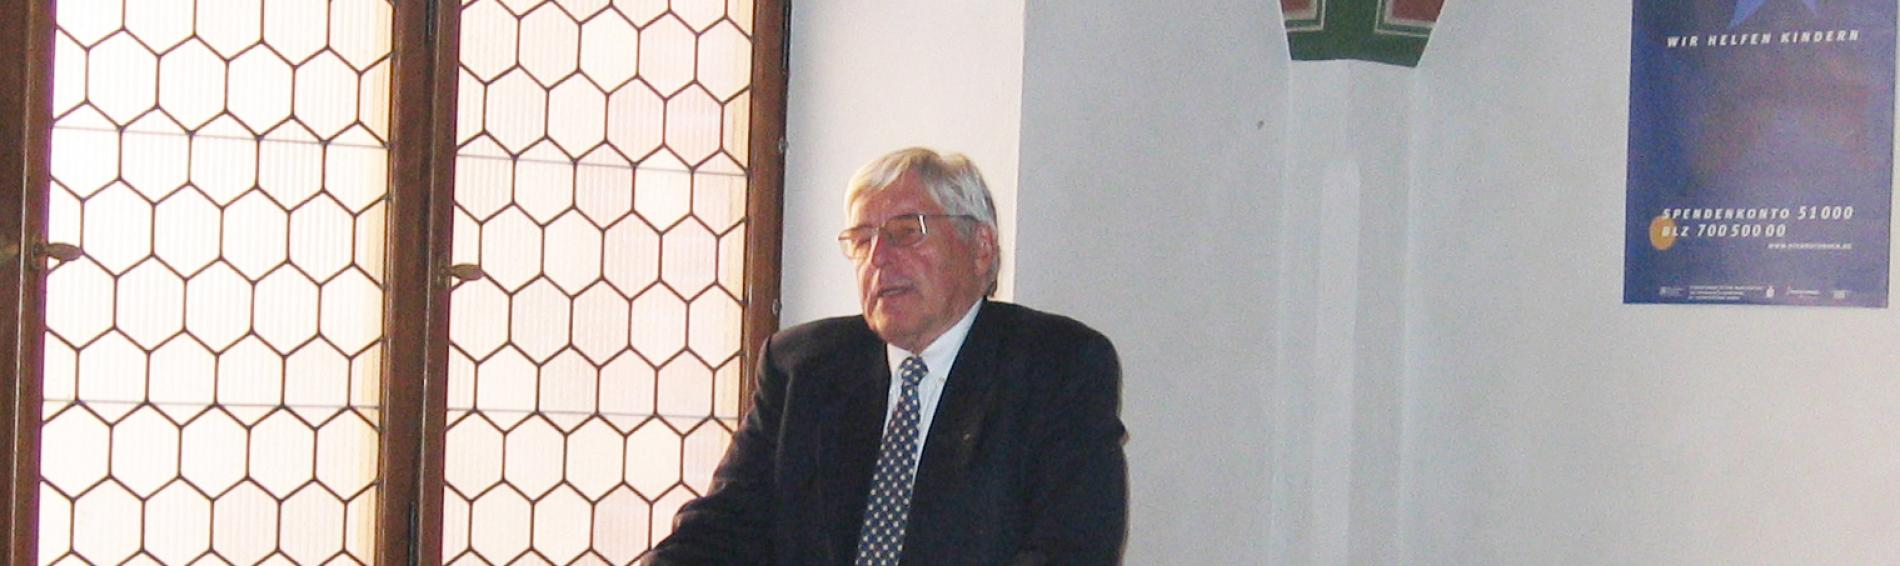 Prof. Wilfired Schilli, langjähriger Ehrenpräsident von Ärzte der Welt. Foto: Ärzte der Welt